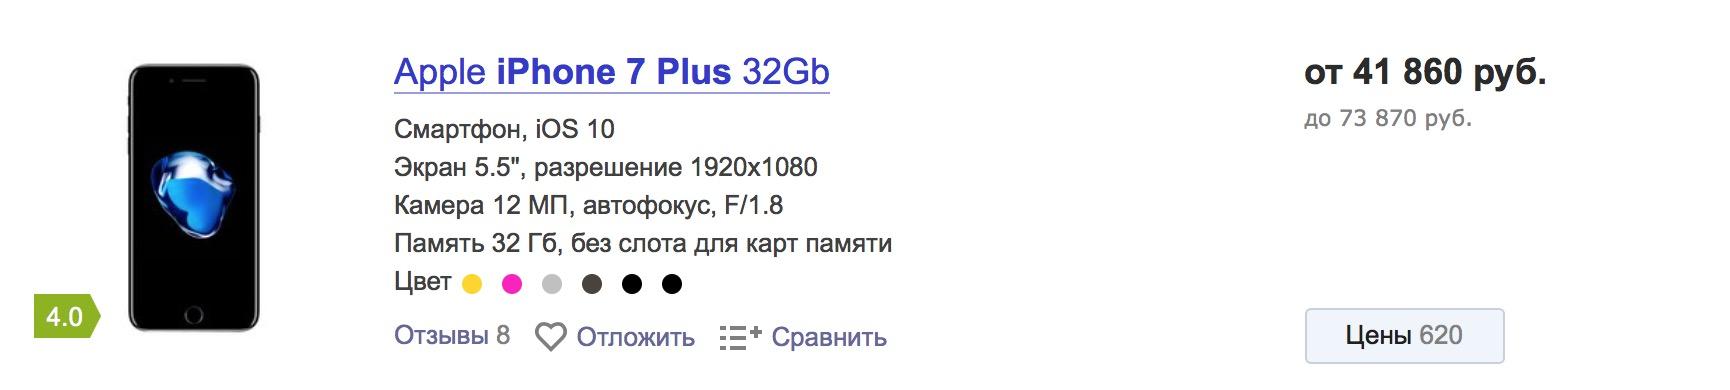 iPhone продолжают дешеветь в России